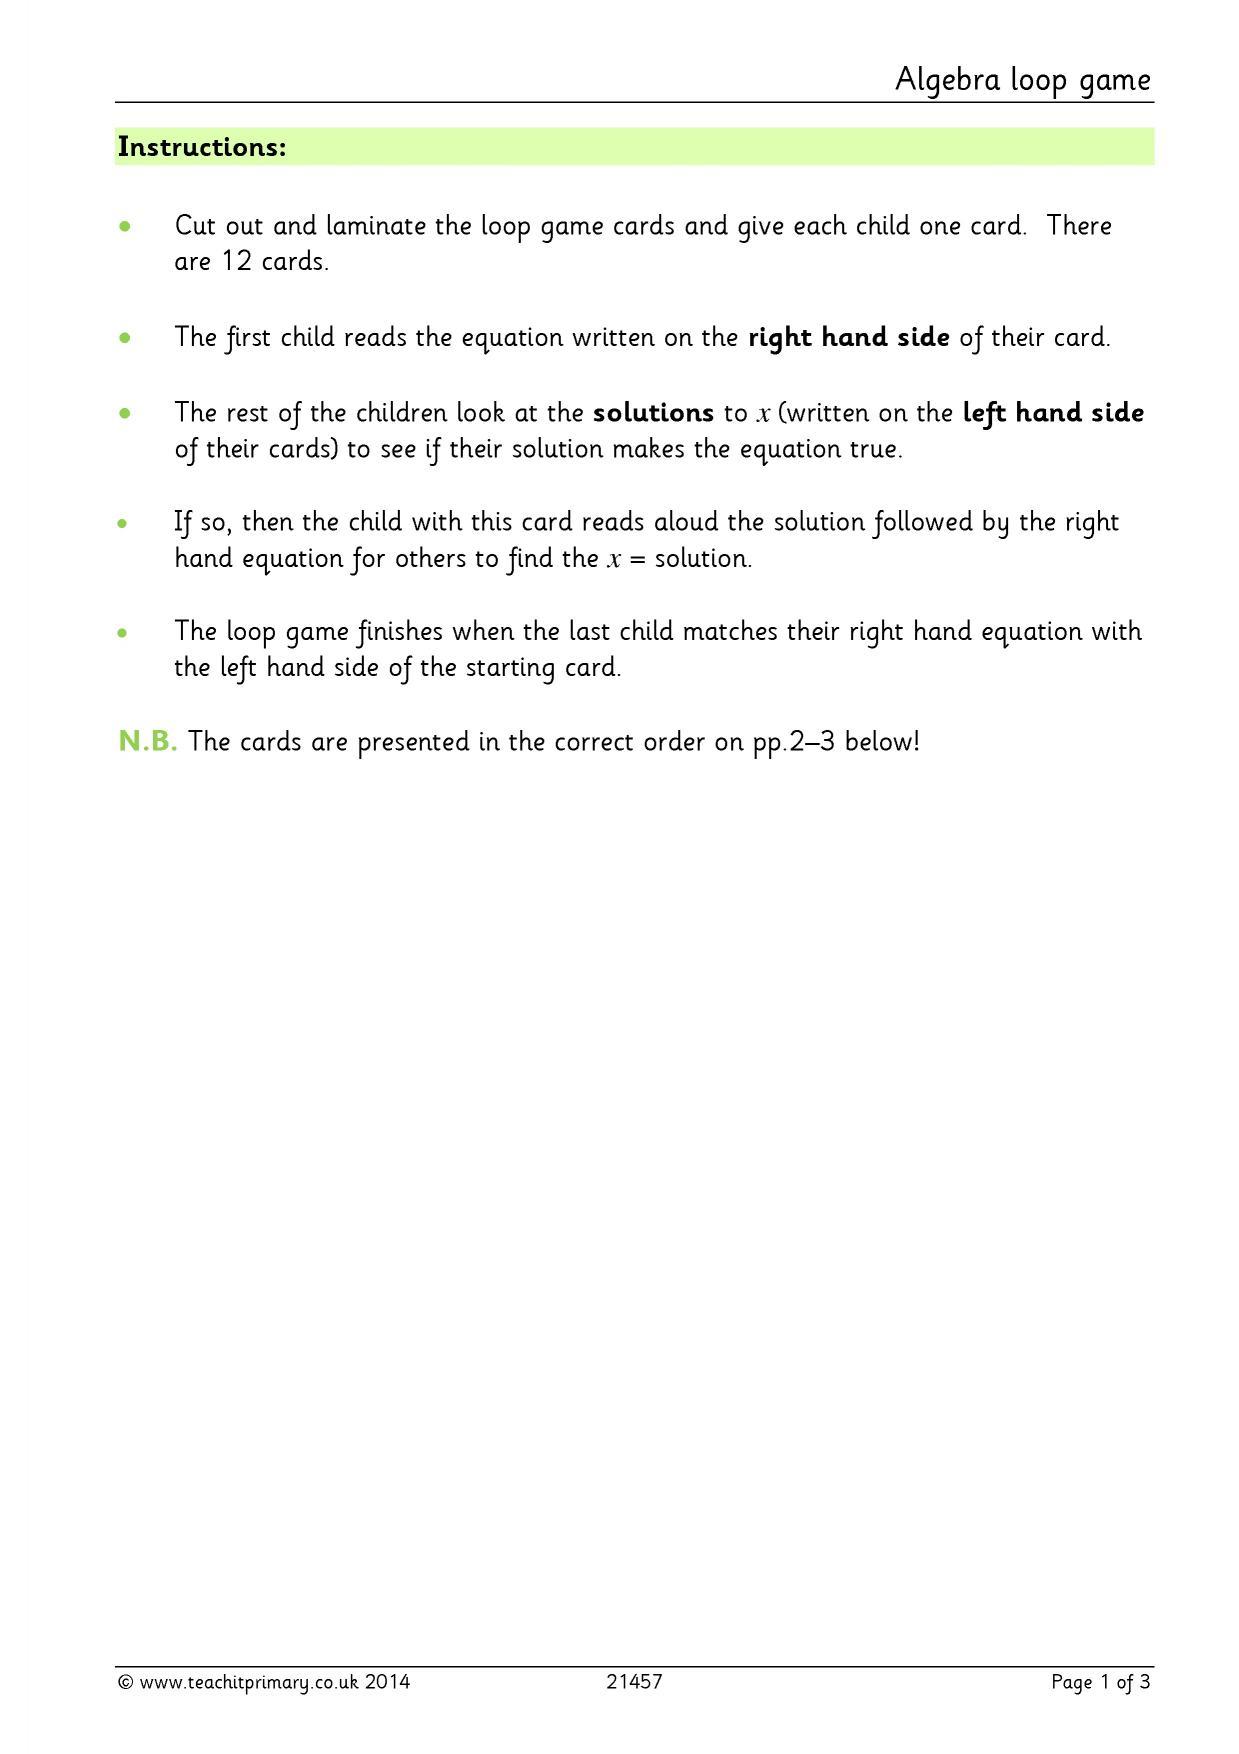 Algebra Loop Game